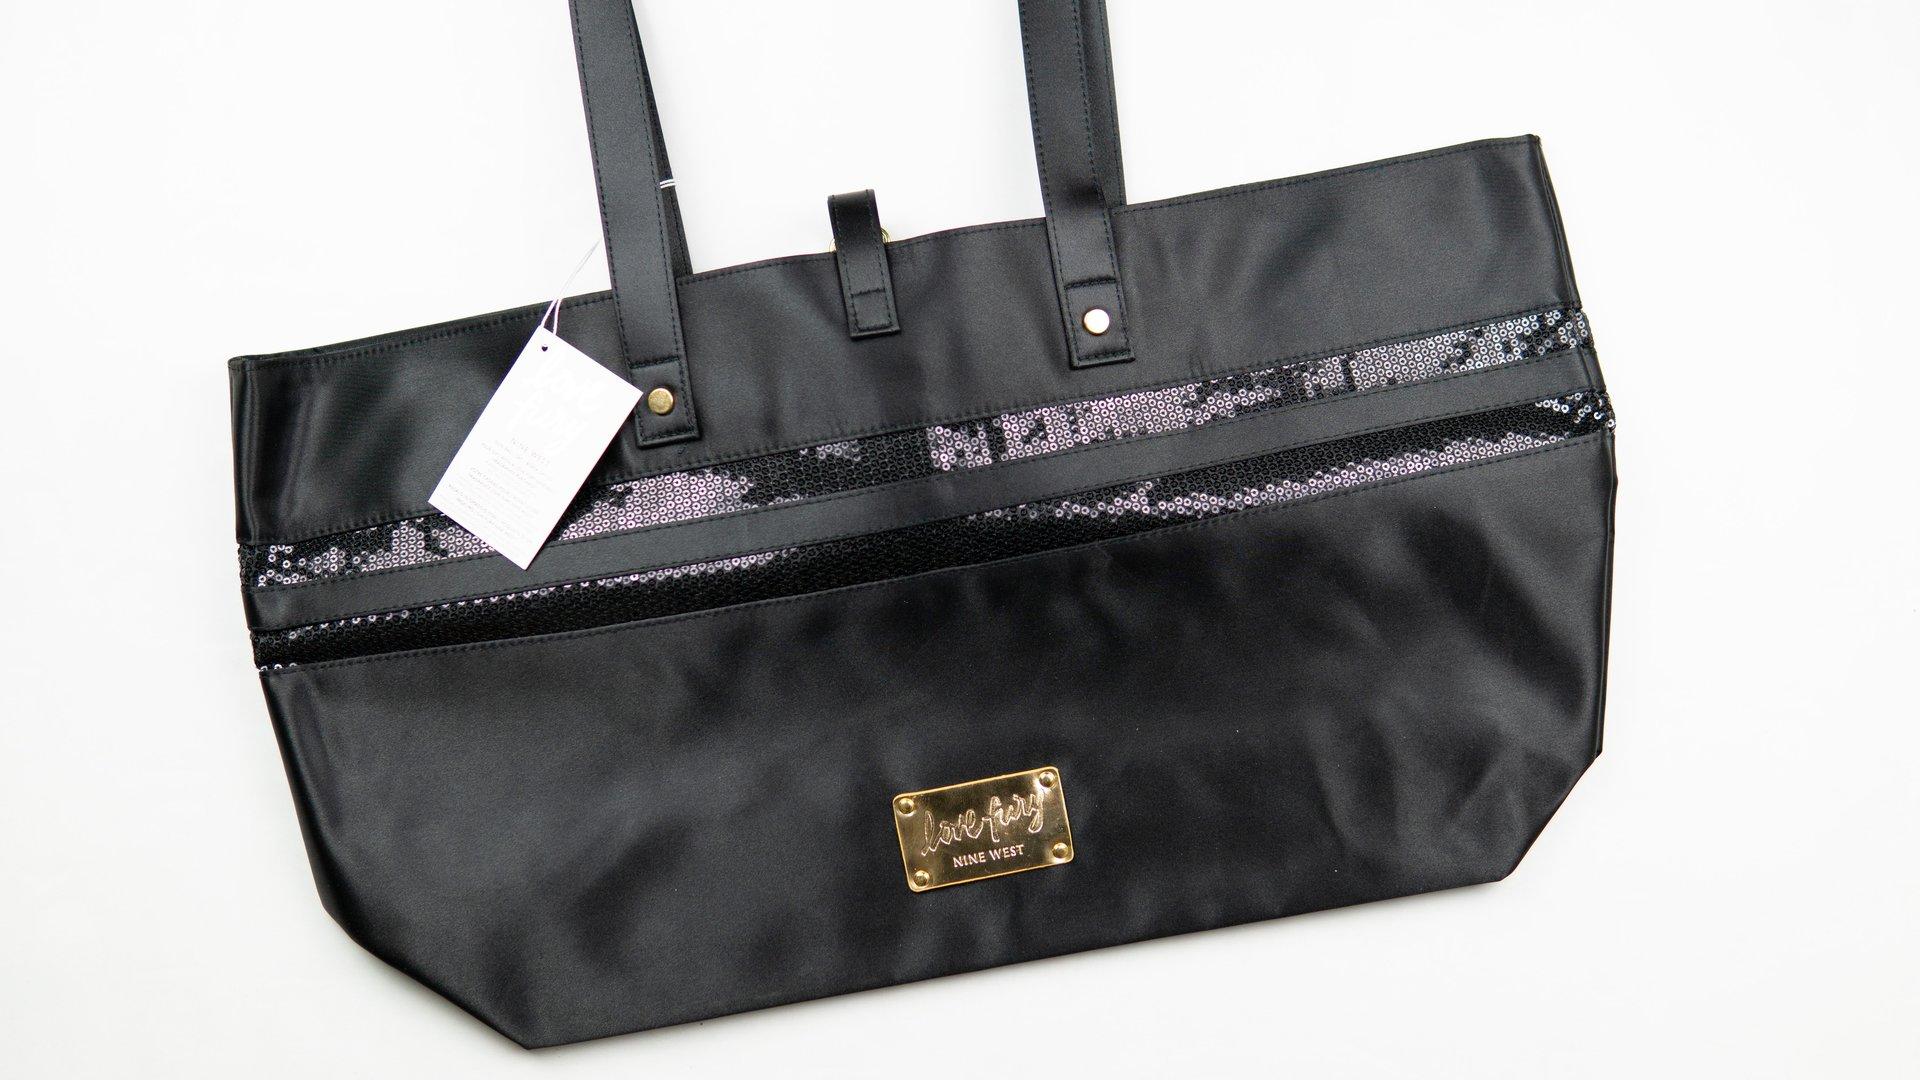 Nine West Love Fury Tote Bag Black